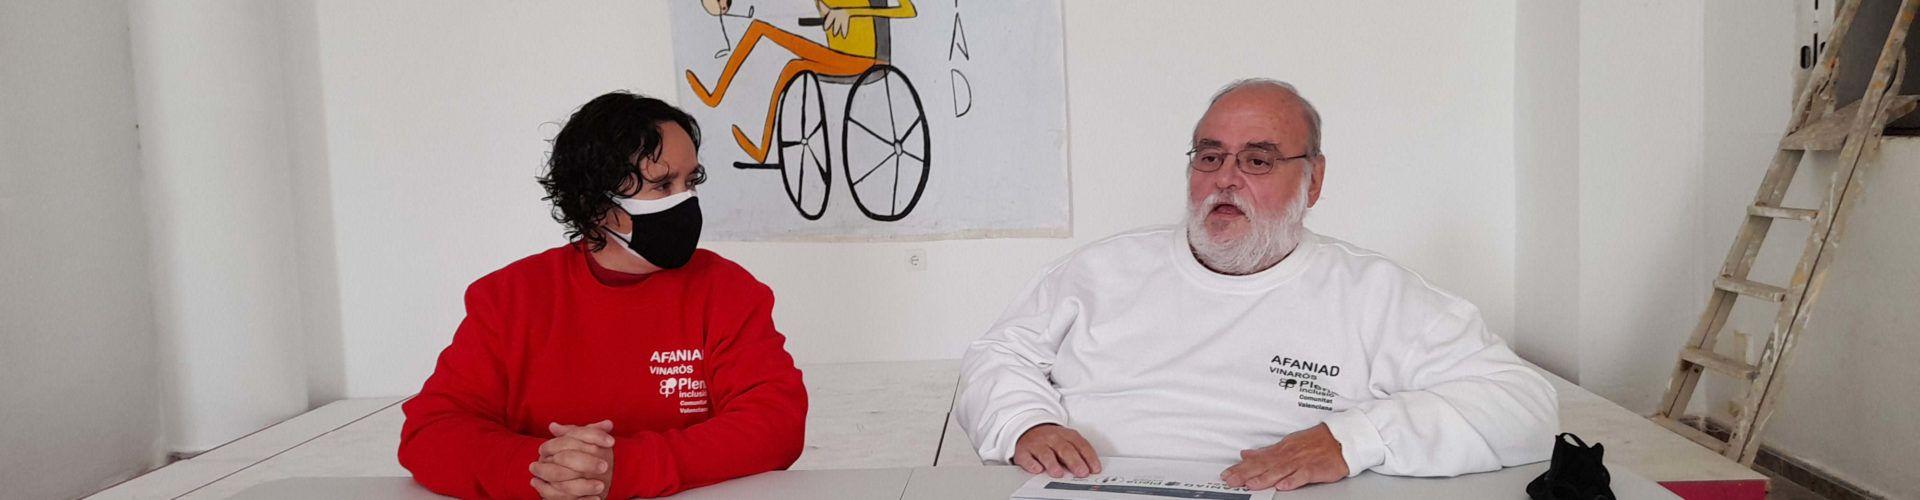 AFANIAD Vinaròs colaborará elaborando contenido para Discapacidad Televisión